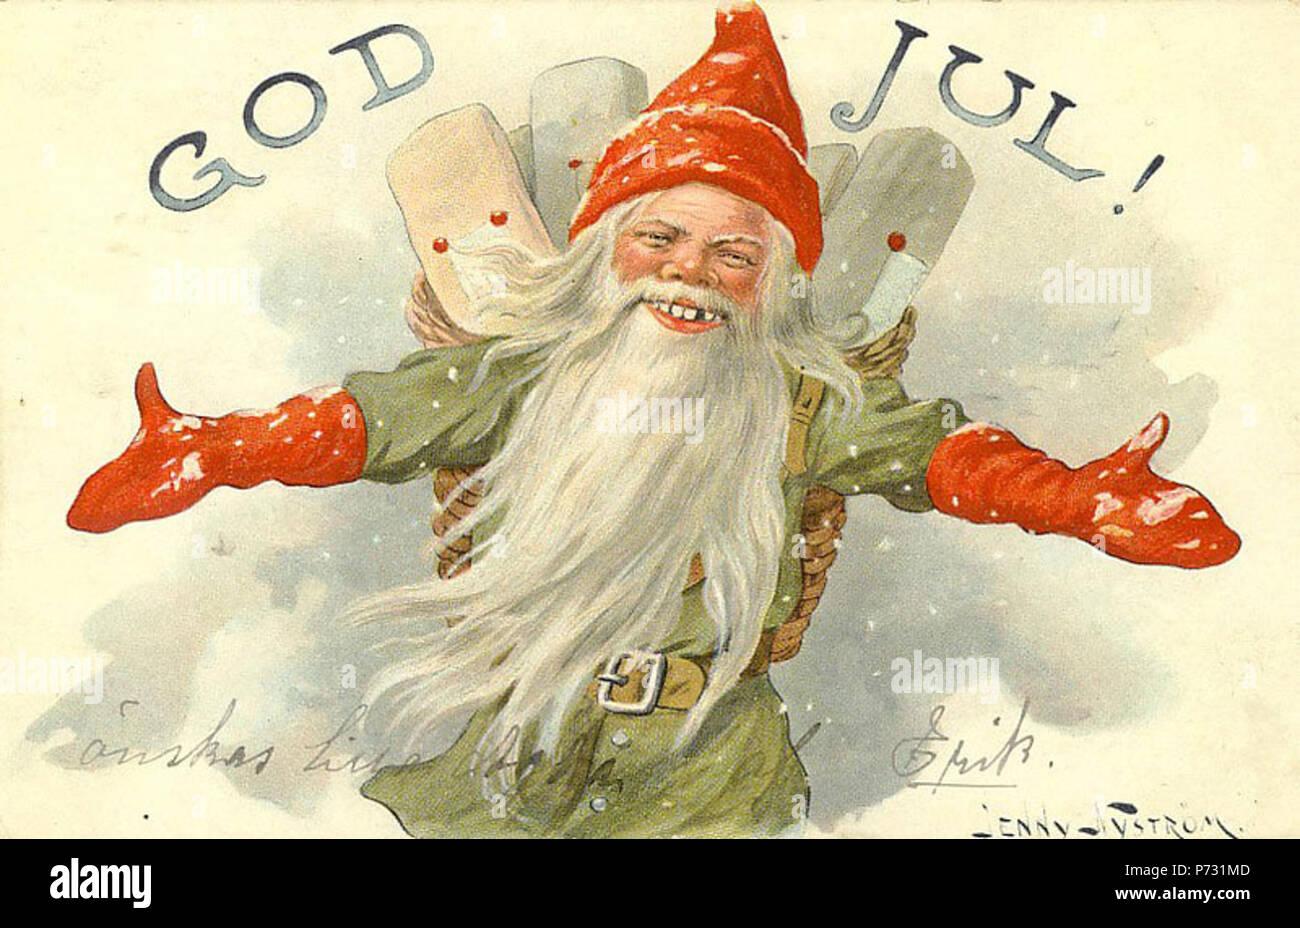 det gode i julen